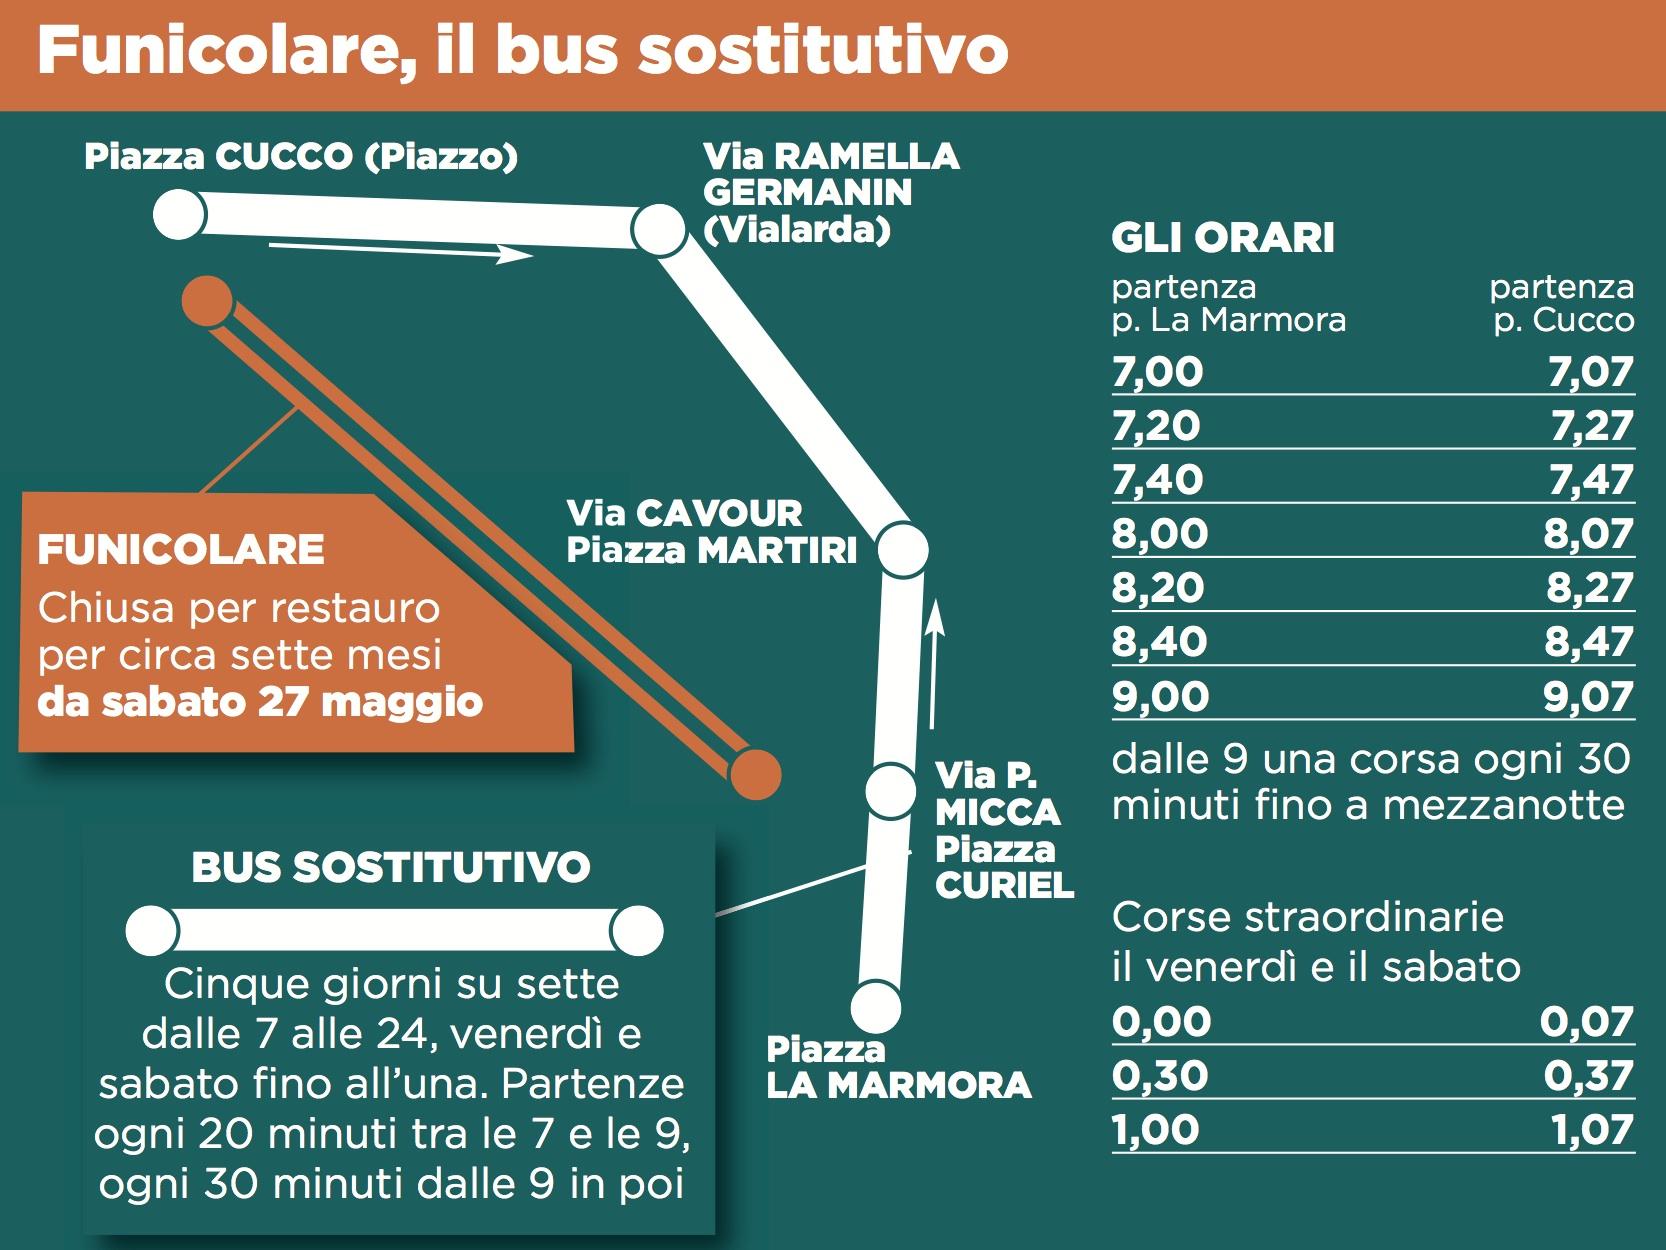 Le fermate e gli orari del bus sostitutivo della Funicolare